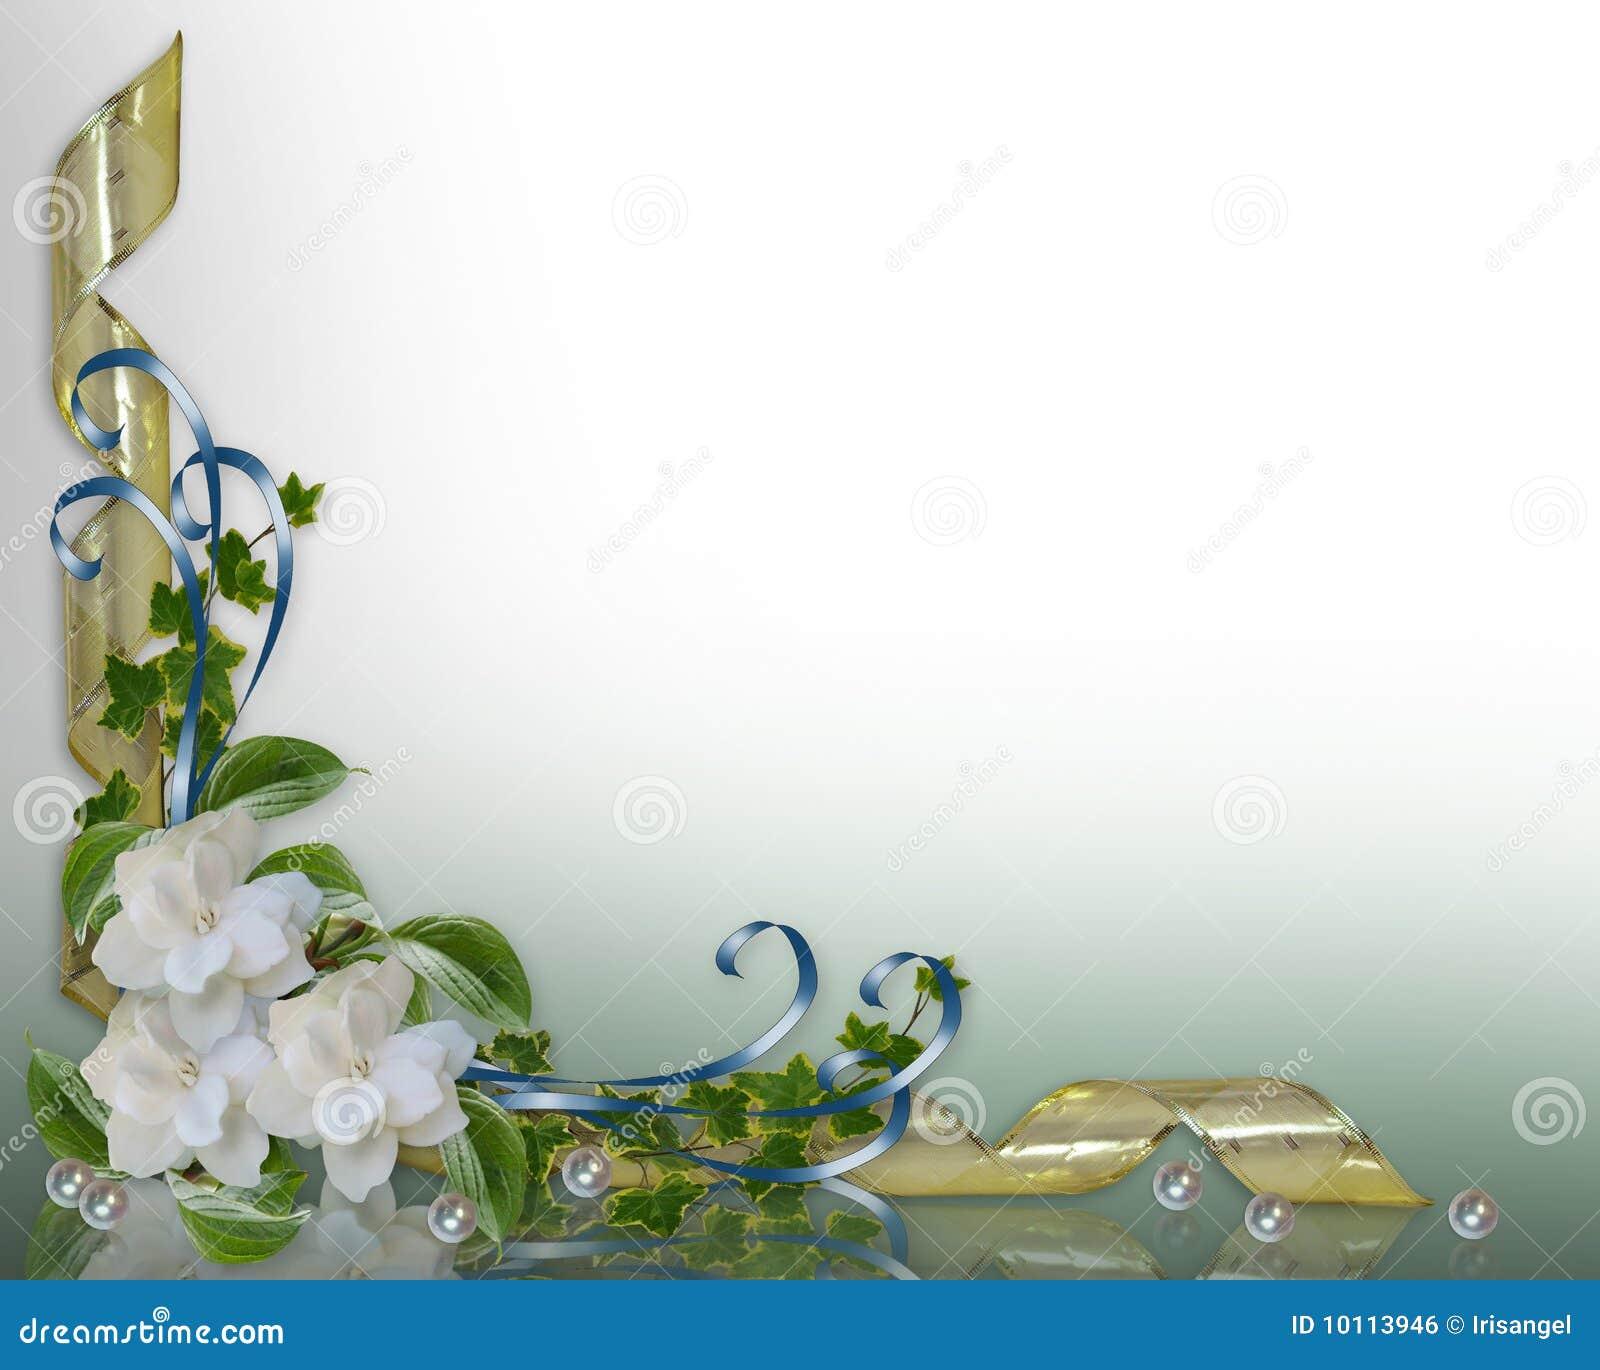 Gardenia Border Clip Art